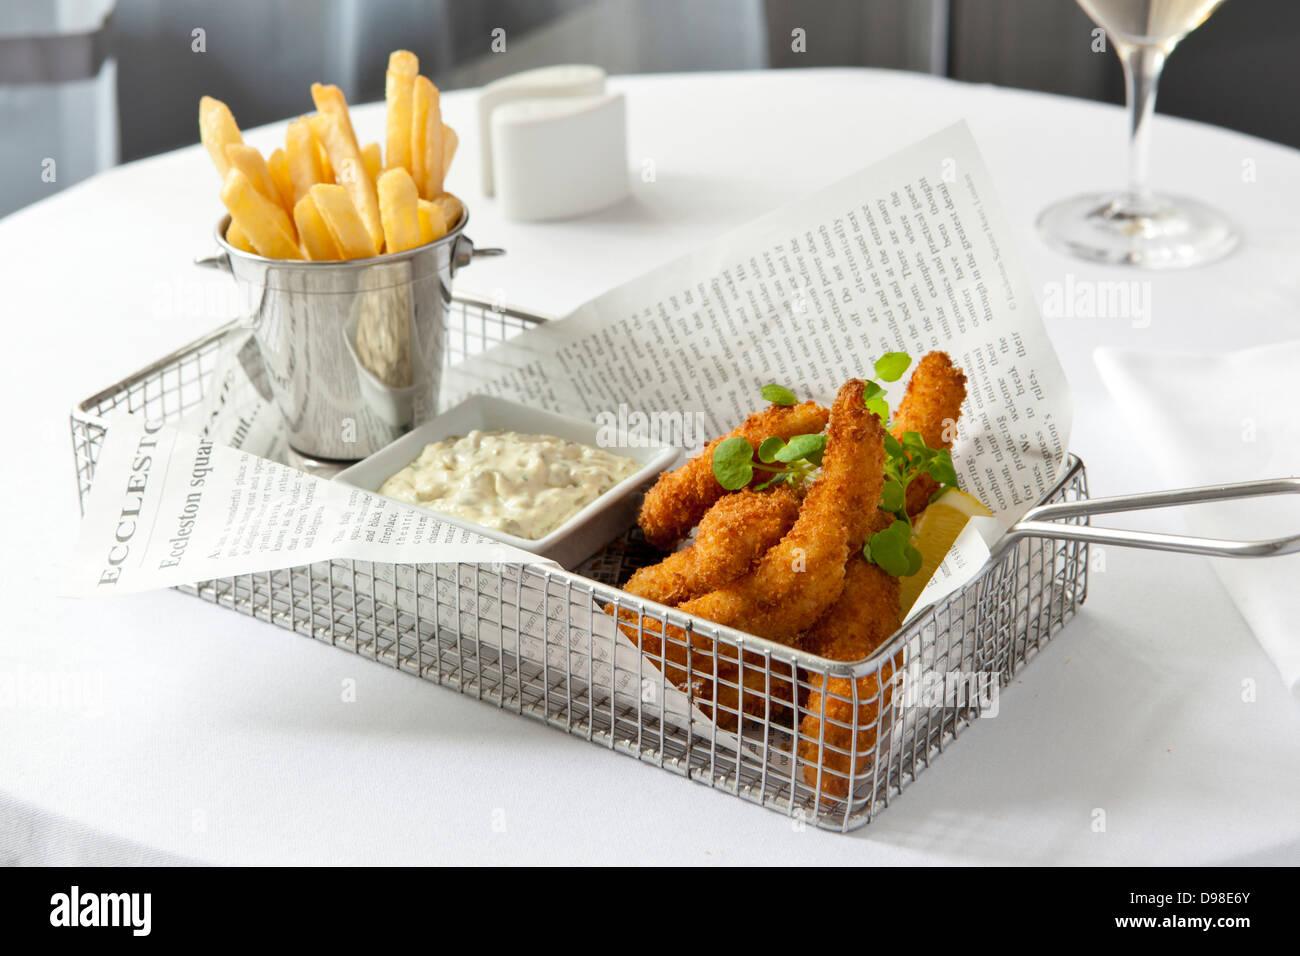 Fisch-Goujons mit Pommes Frites und Remoulade in einen Drahtkorb Stockbild